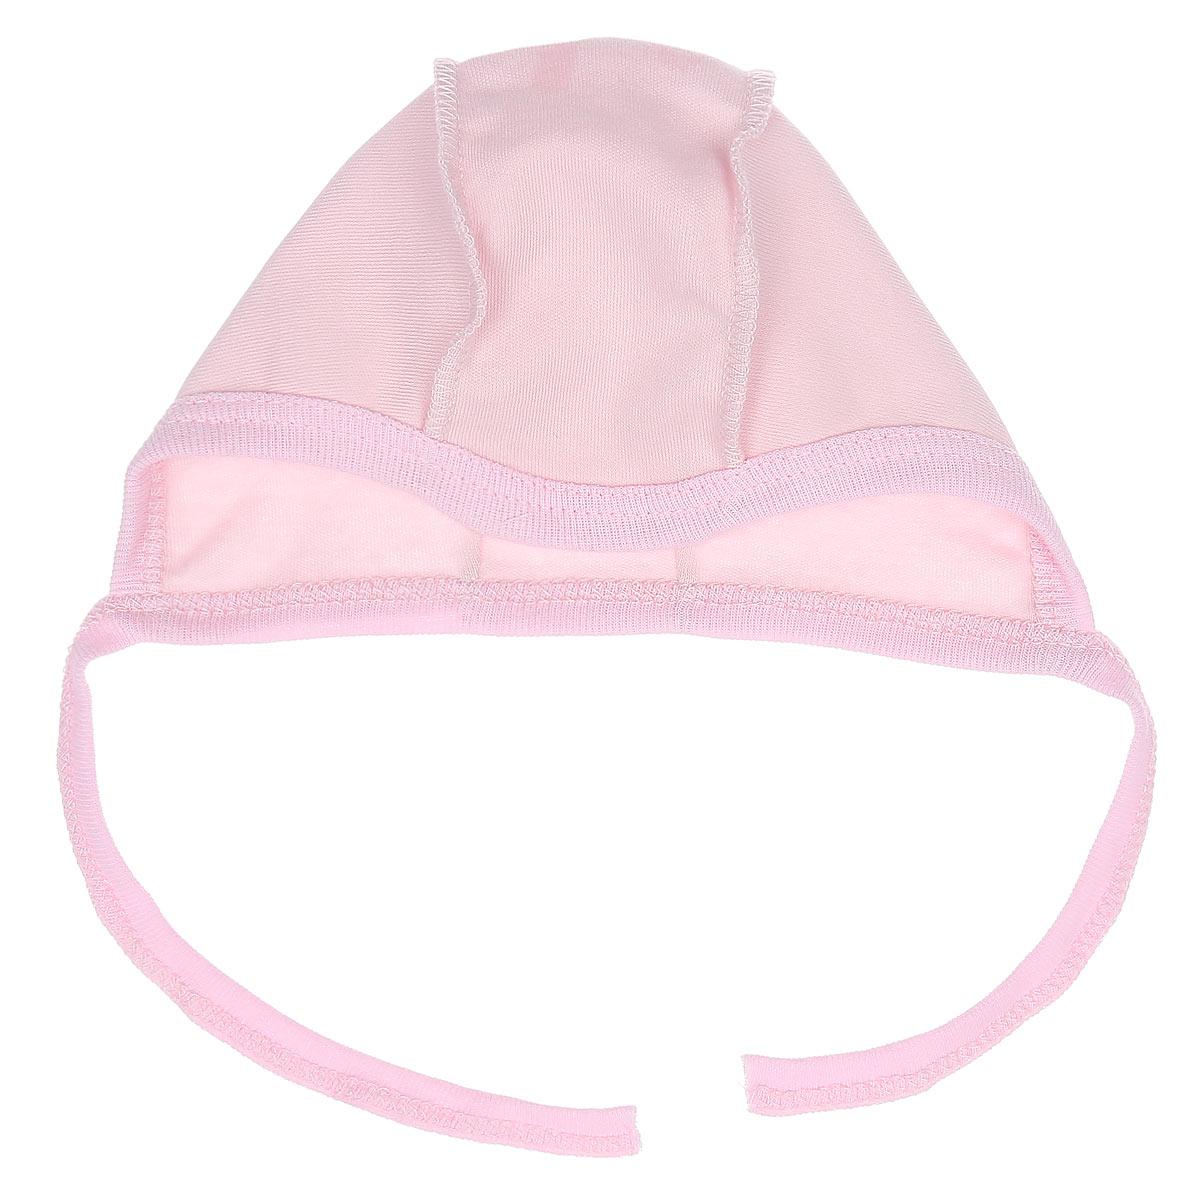 Чепчик для девочки. 38573857Мягкий чепчик для девочки КотМарКот, изготовленный из интерлока - натурального хлопка, не раздражает нежную кожу ребенка и хорошо вентилируется, защищая еще не заросший родничок младенца. Чепчик выполнен швами наружу, что обеспечивает максимальный комфорт ребенку, а завязки позволяют регулировать обхват головы и шеи.